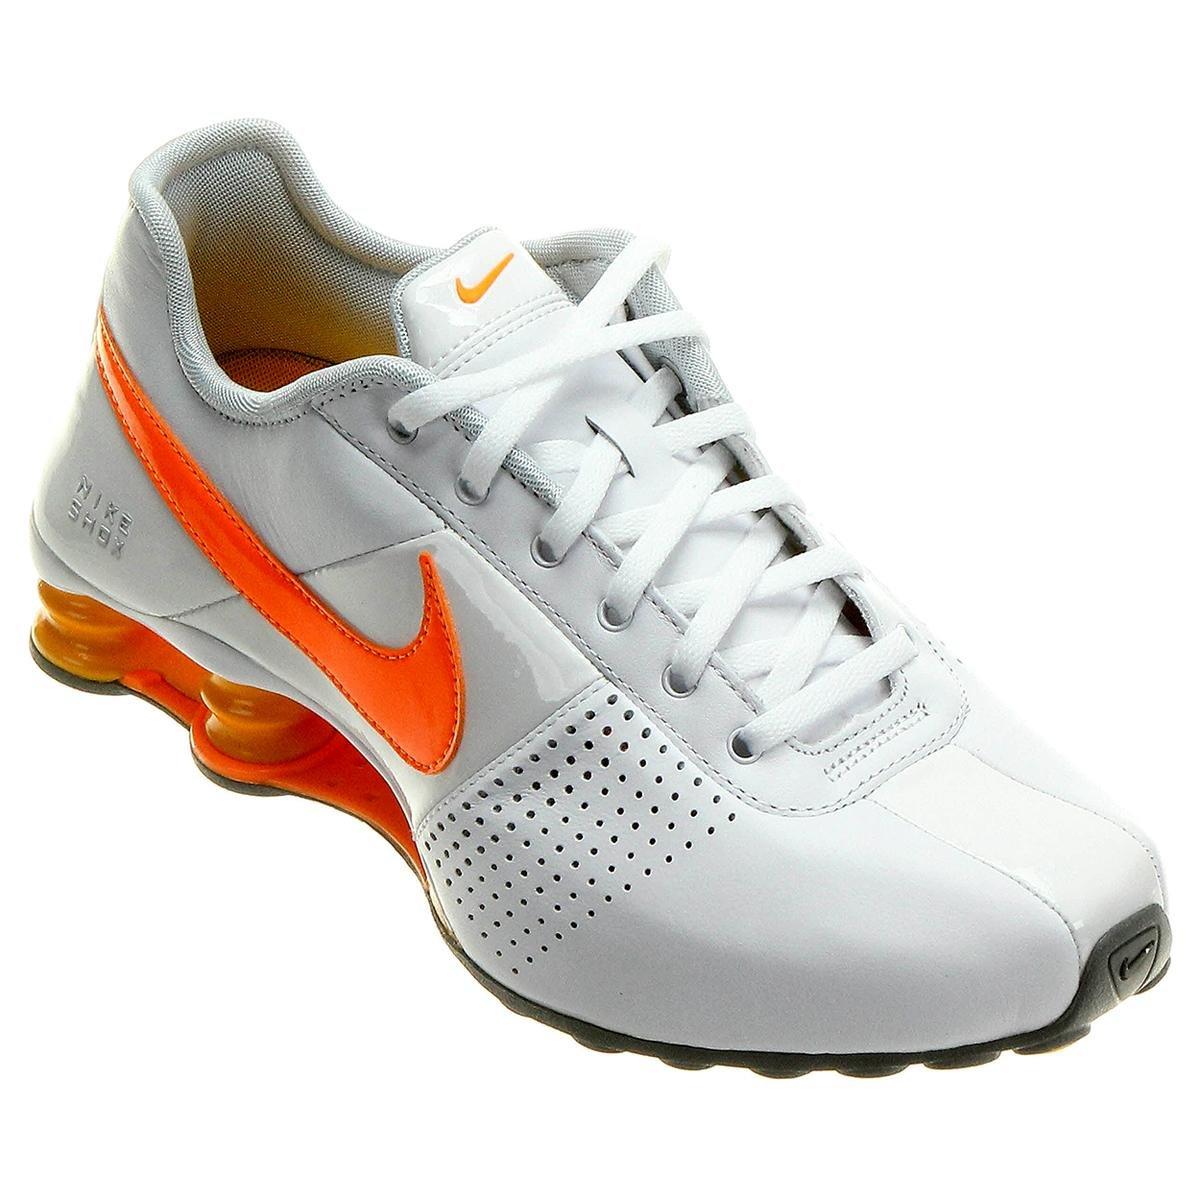 buy online f9d16 9dffc ... tênis nike shox deliver branco e laranja ...